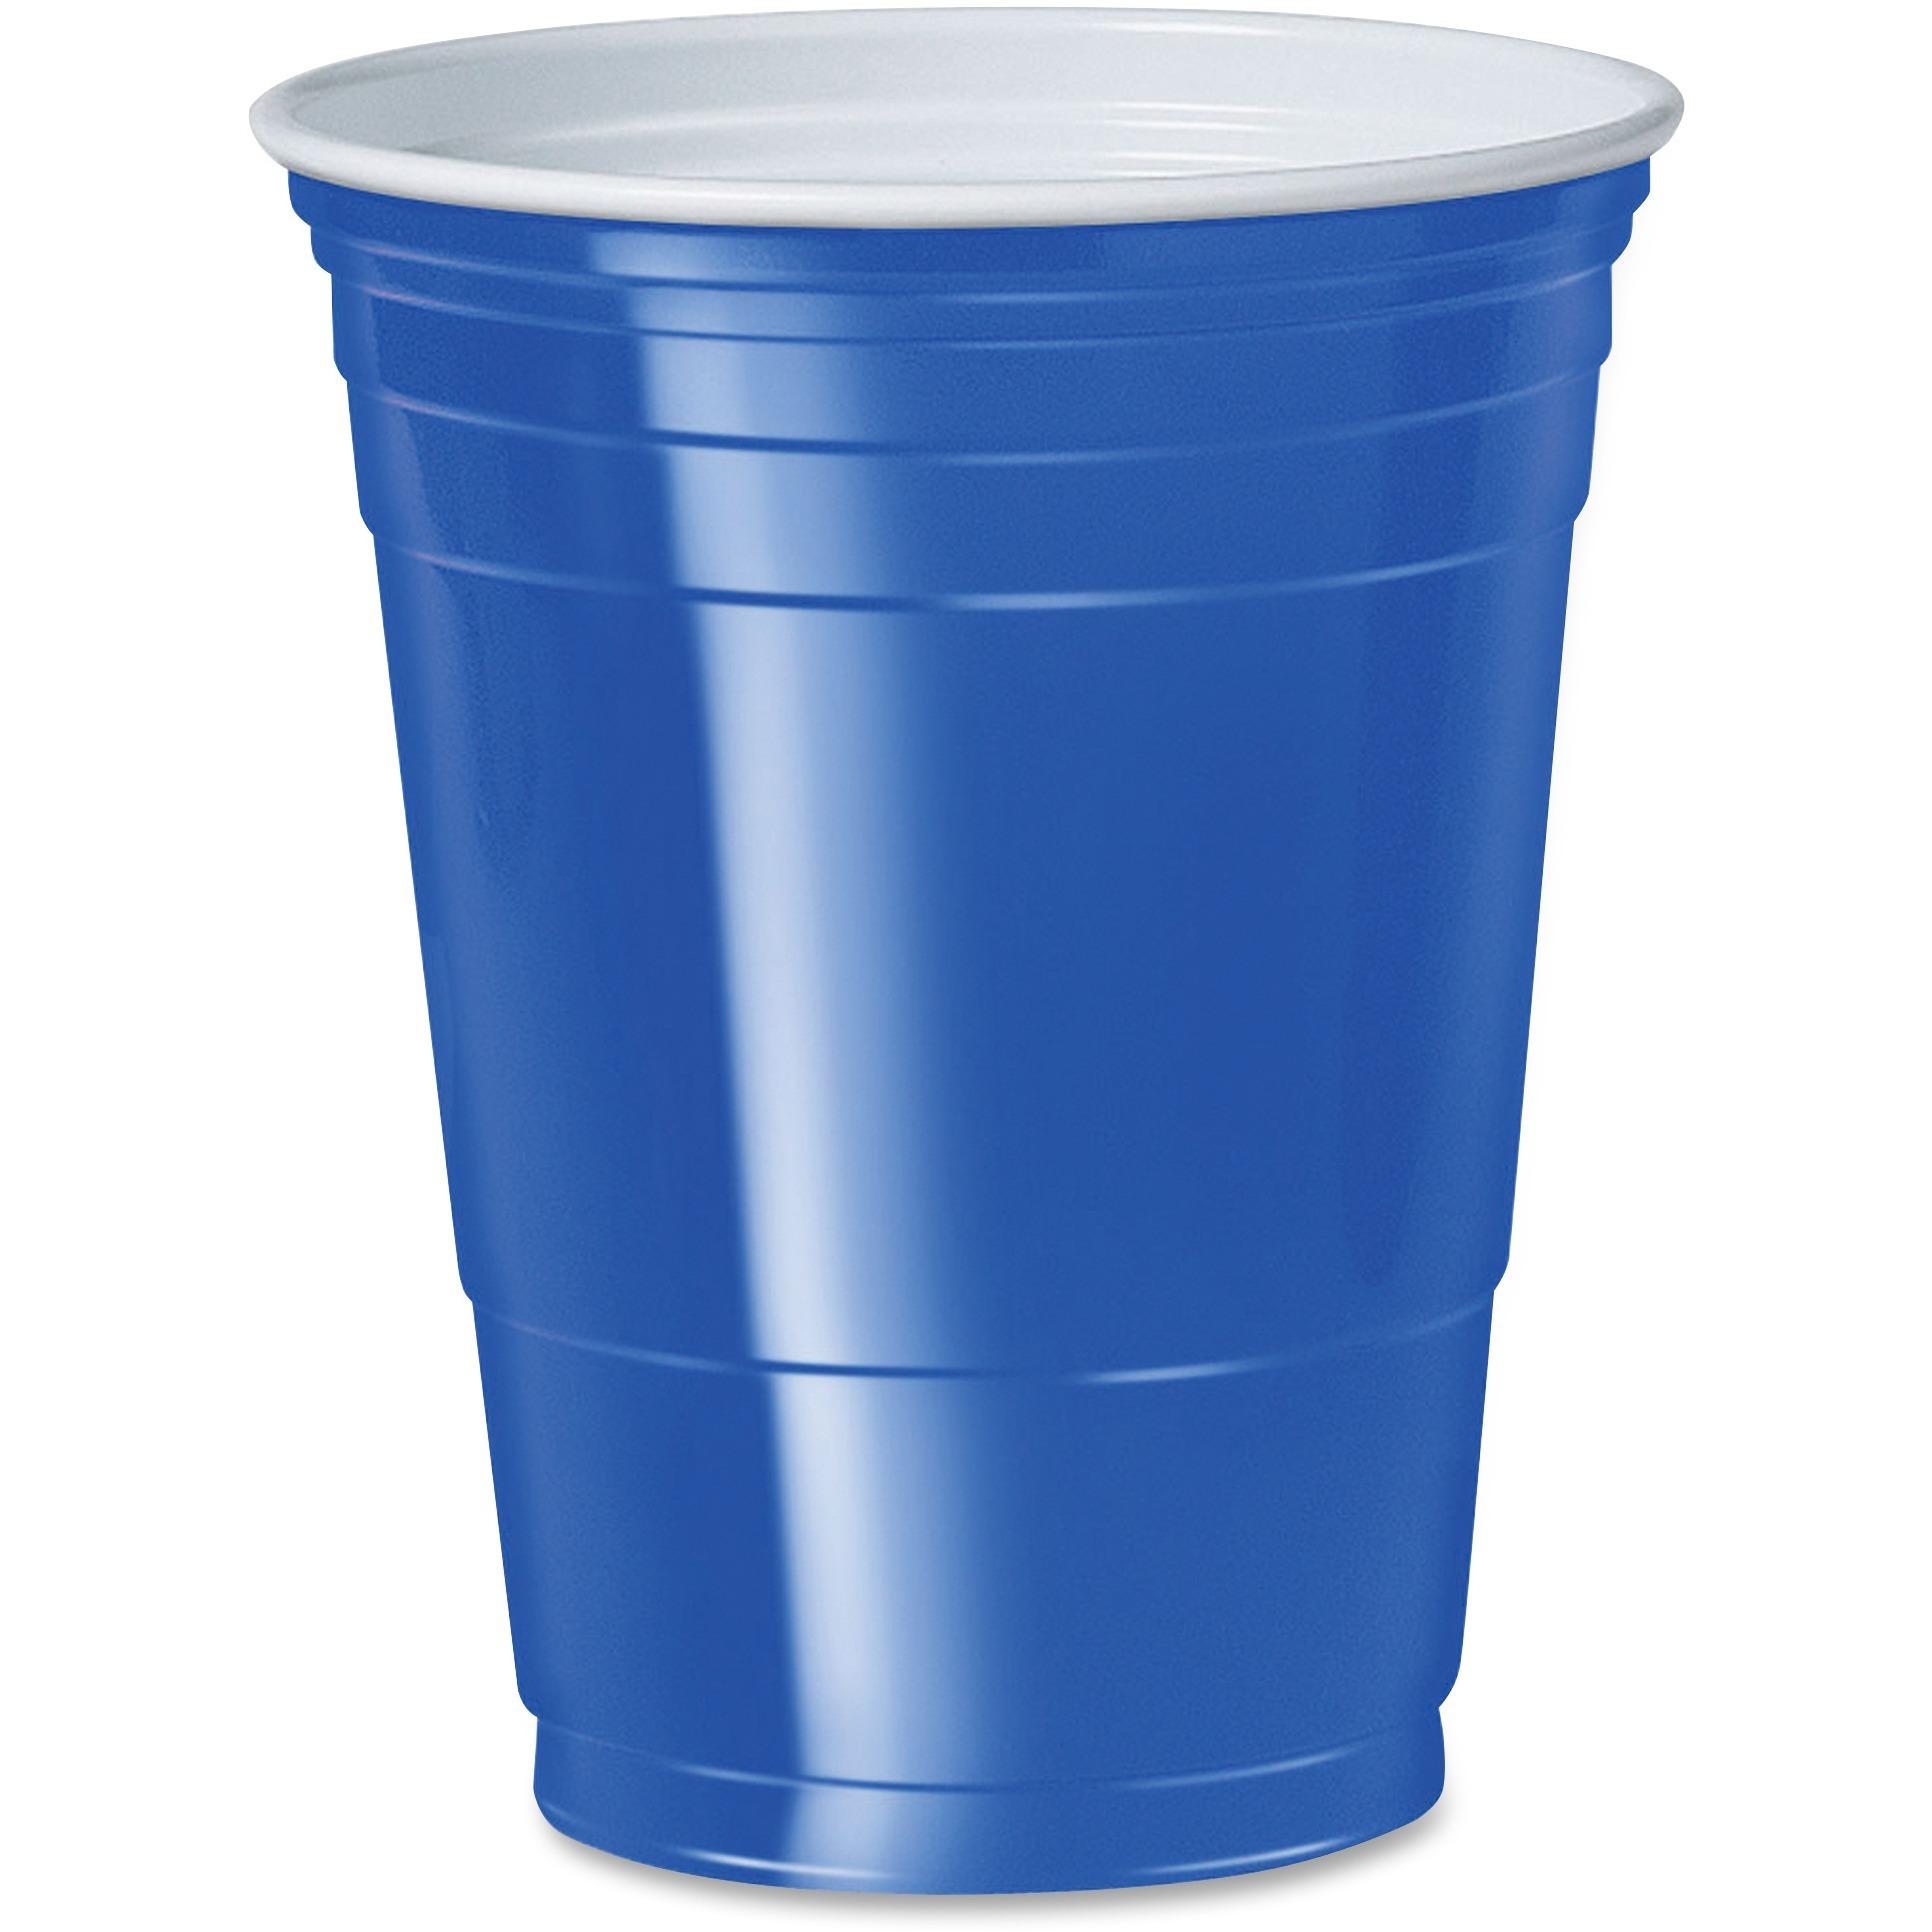 Solo, SCCP16BCT, Cup 16 oz. Plastic Cold Party Cups, 1000 / Carton, Blue, 16 fl oz